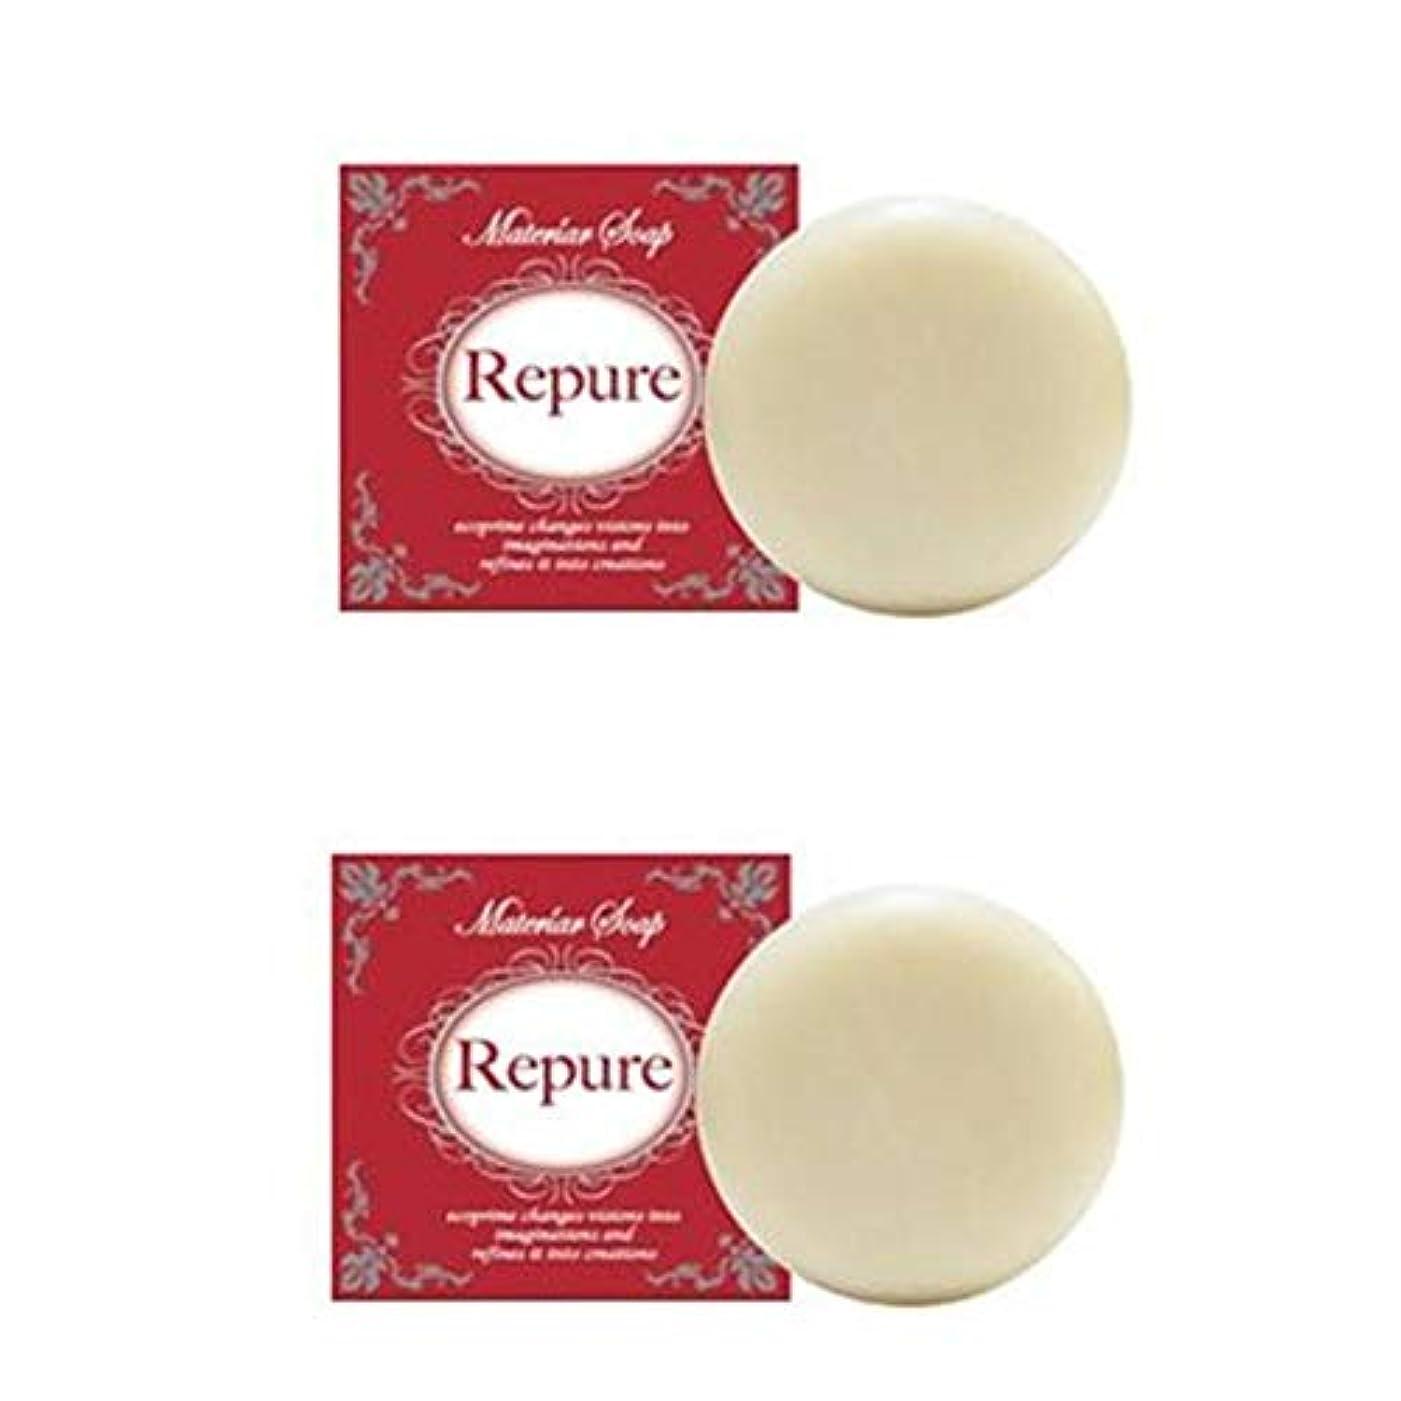 試用細部地下【2個セット】マテリアソープ Repure(リピュア)? 2個セット 日本ネオライズ